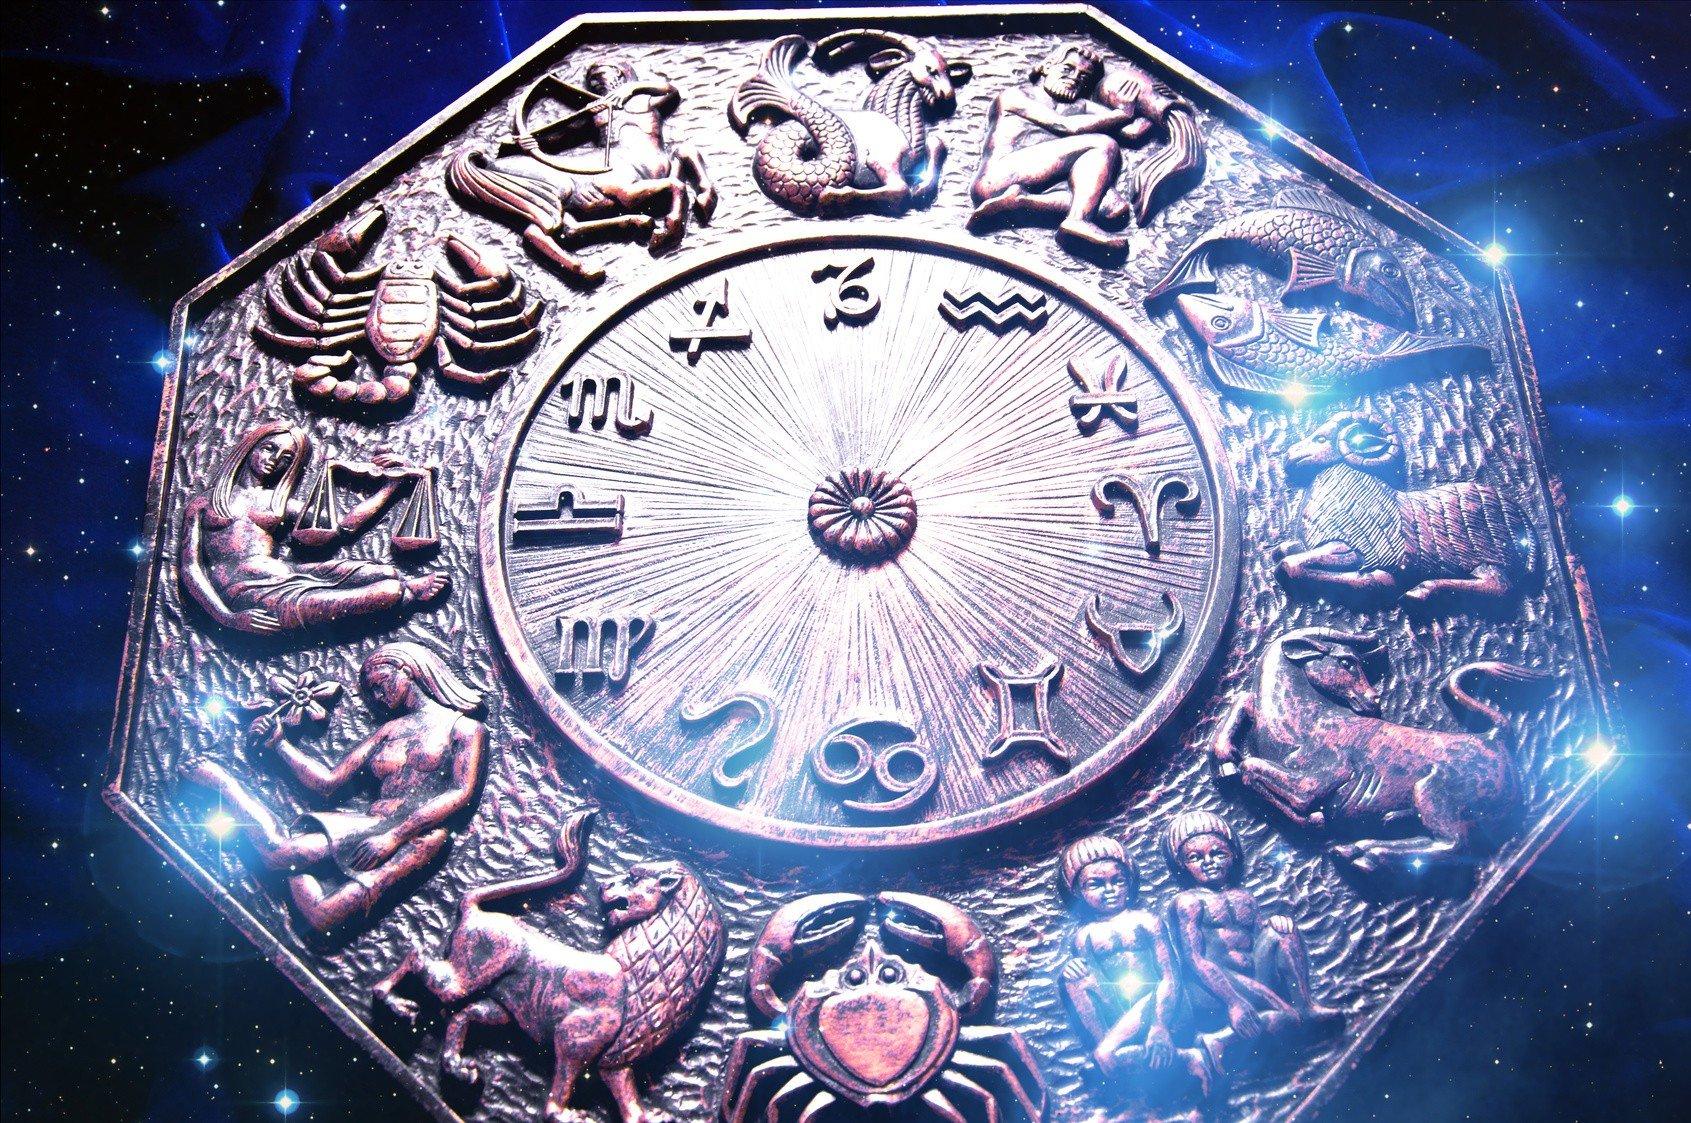 Гороскоп киберспортивной Dota 2 какие знаки зодиака играют лучше всего